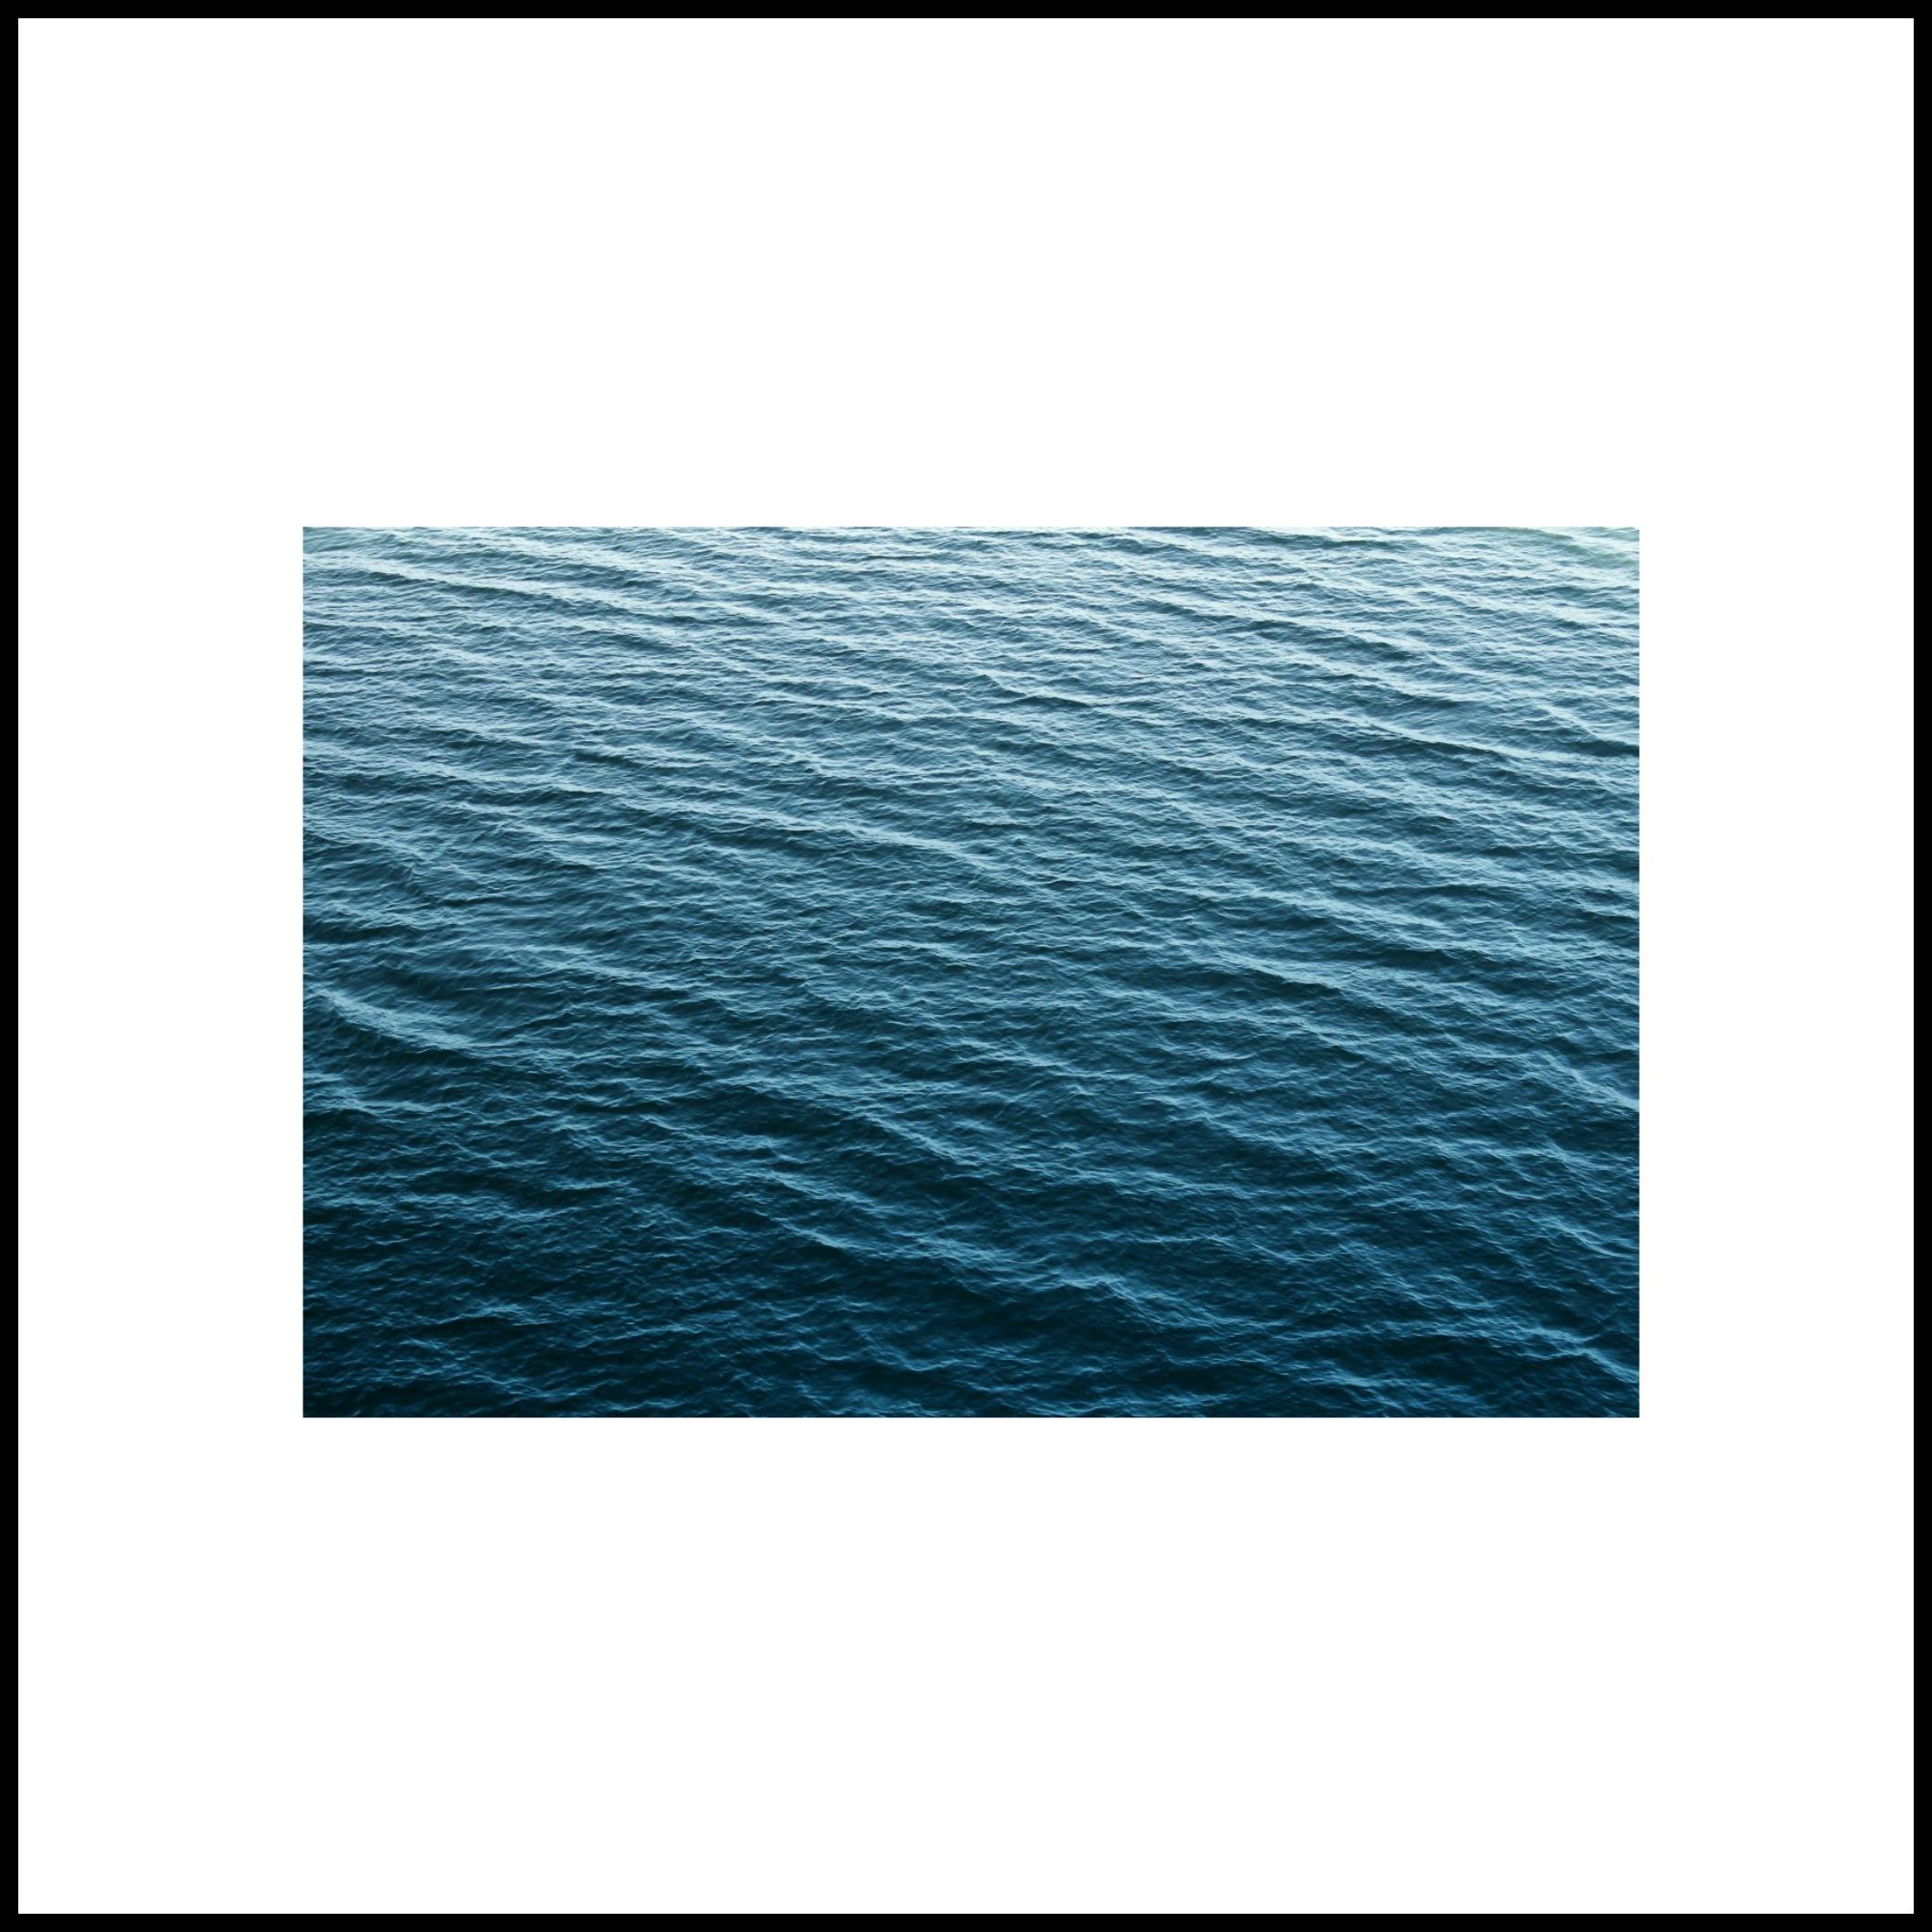 oceanframe.jpg